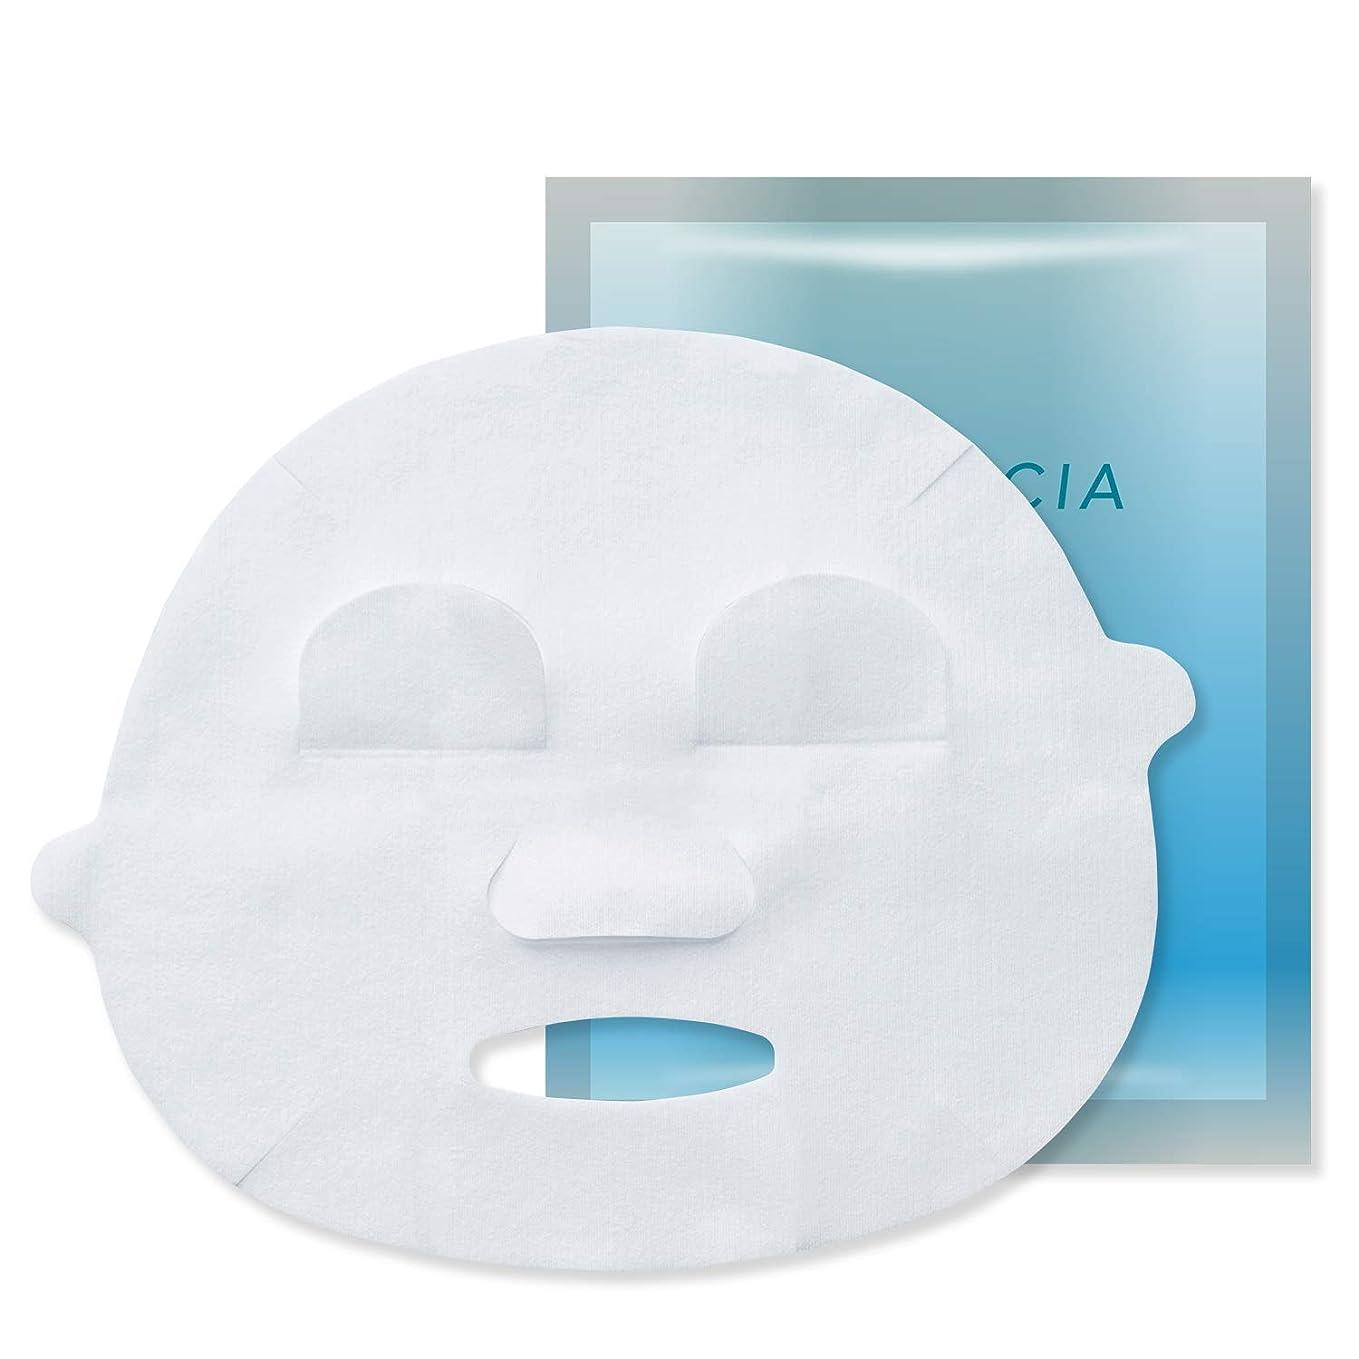 薄い豚禁止するDECENCIA(ディセンシア) 【乾燥?敏感肌用保湿マスク】つつむ モイスト フェイスマスク(5枚入)